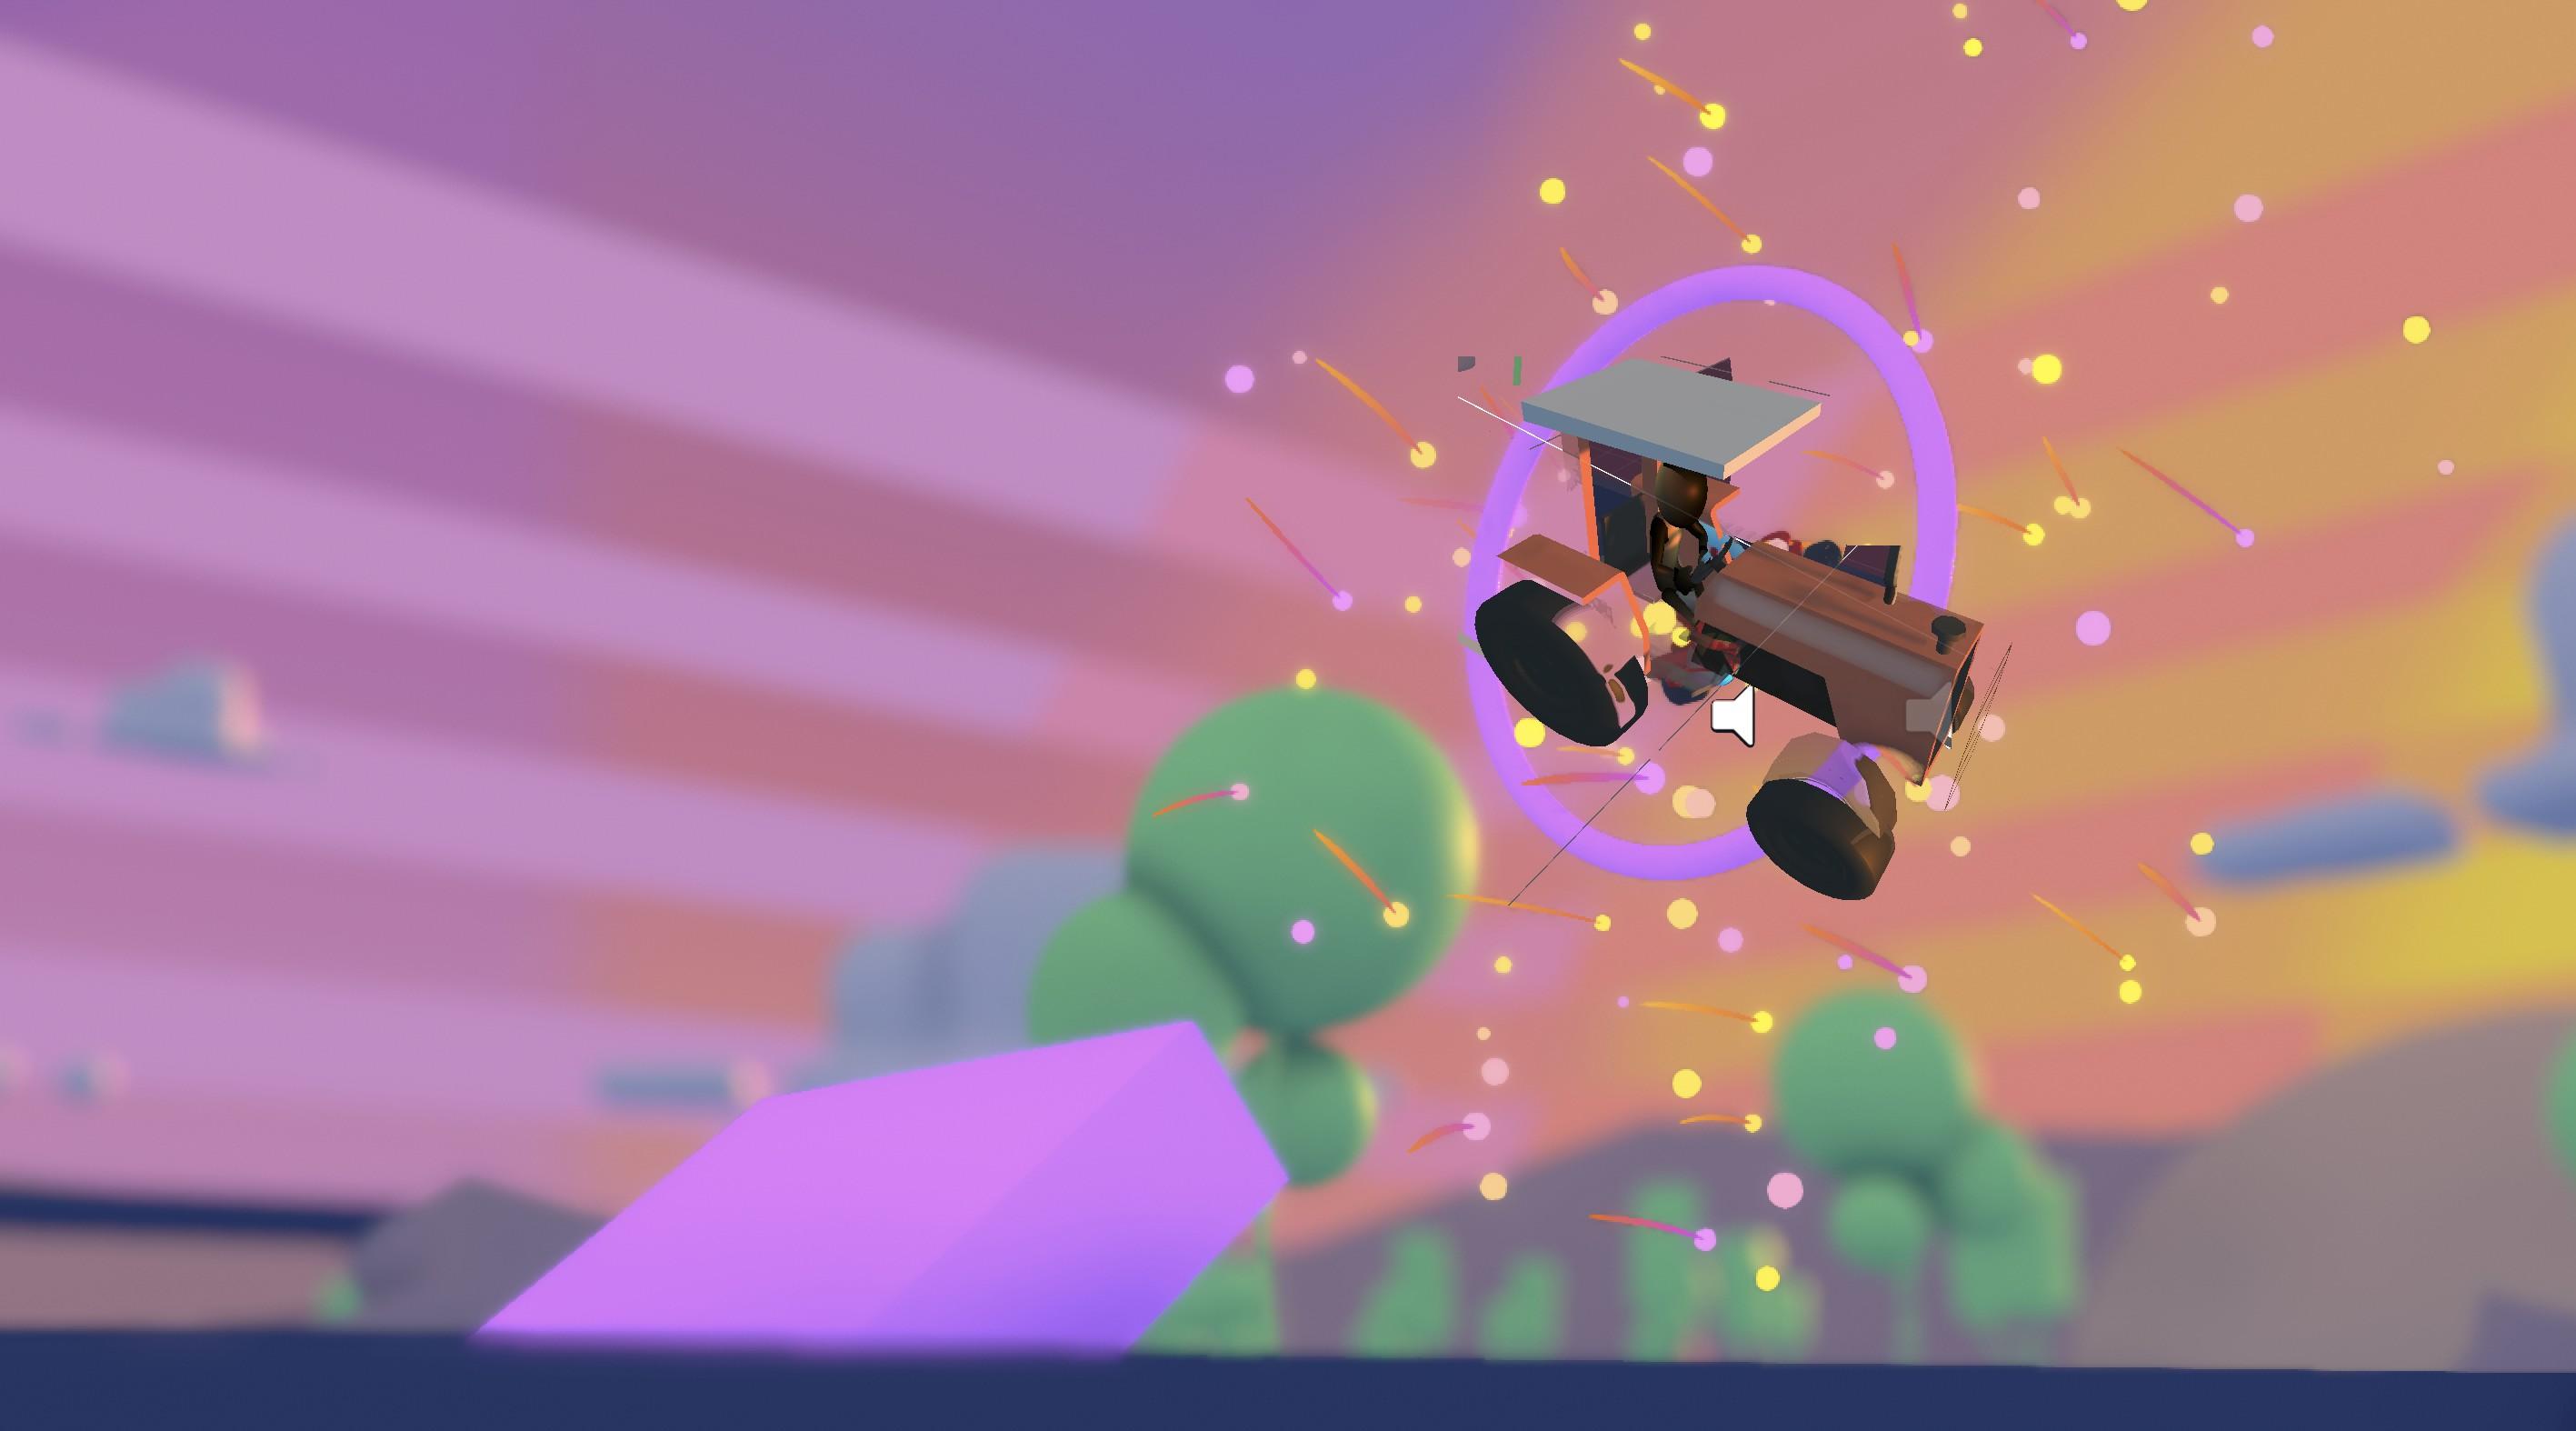 Tractor Drive 3D in Unity 3D WebGL